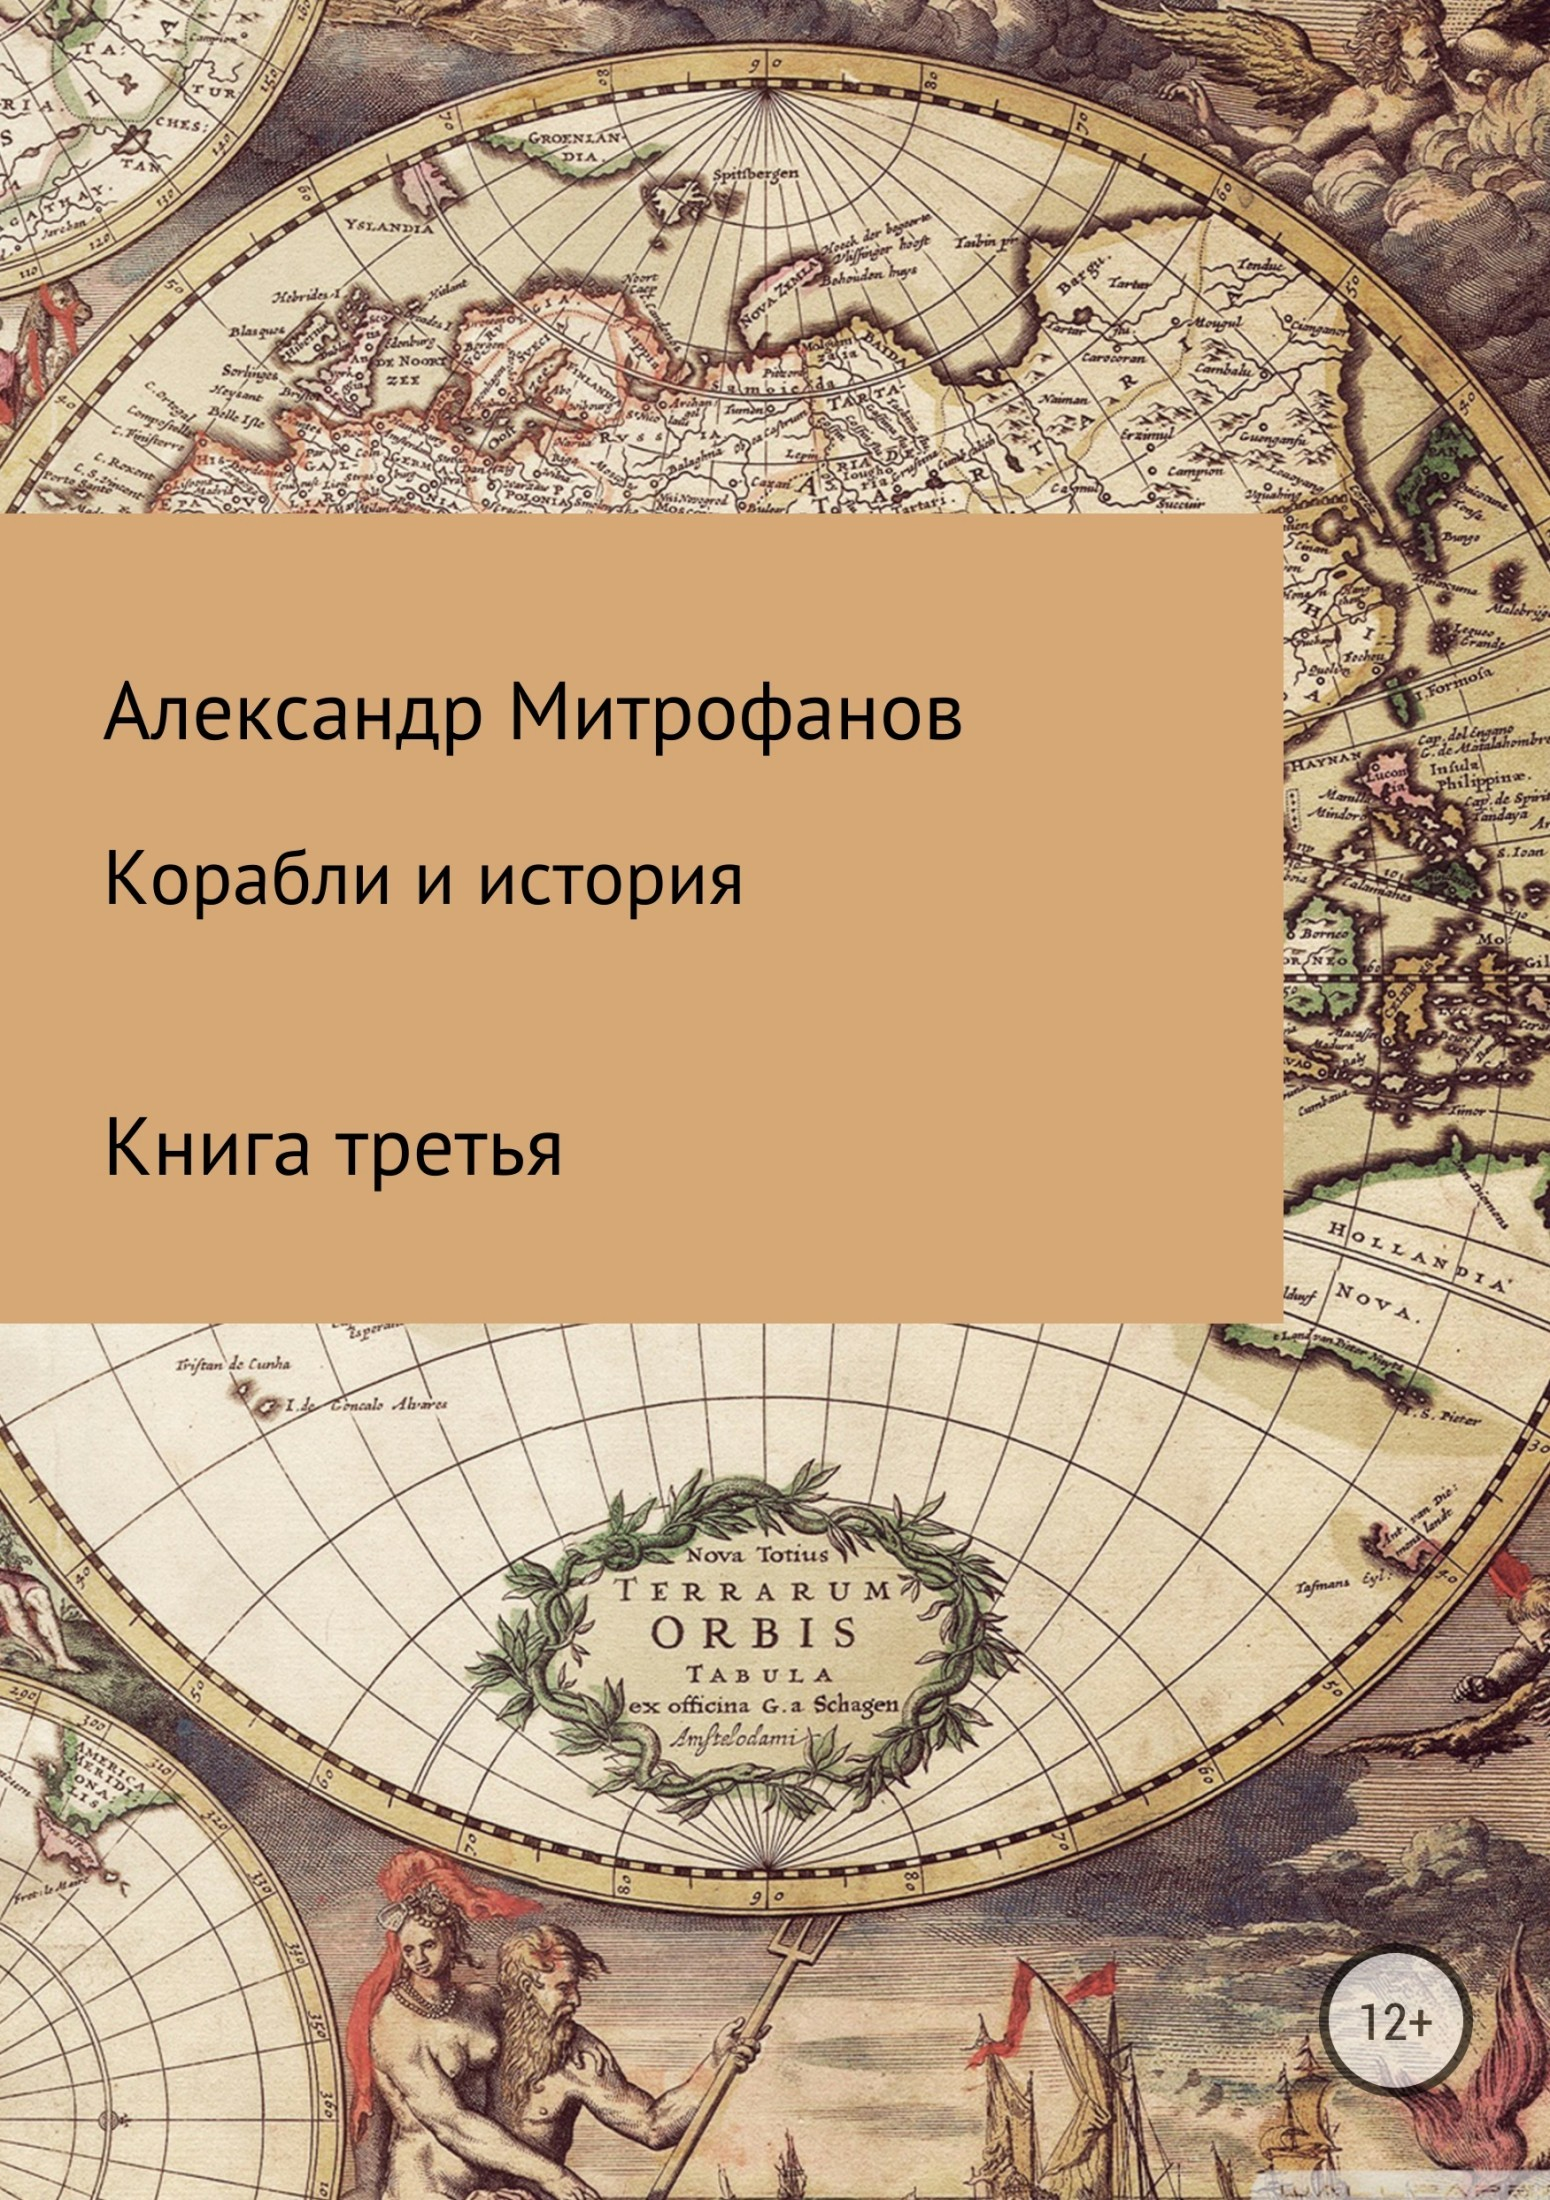 Корабли и история. Книга третья